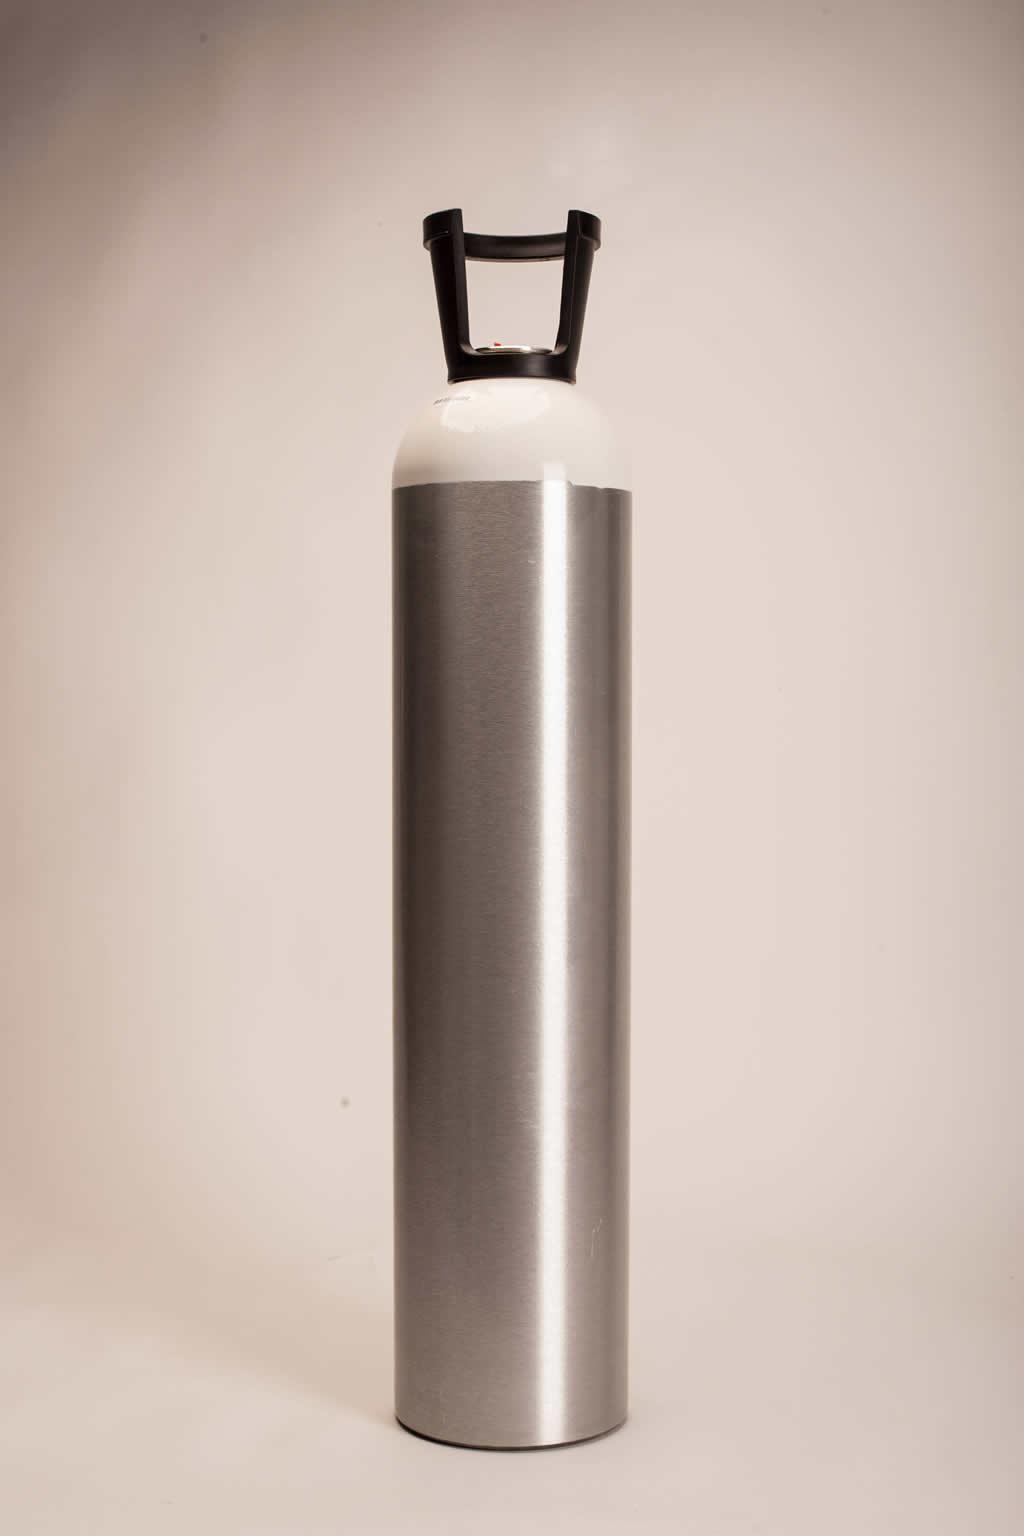 Cylinder 20L